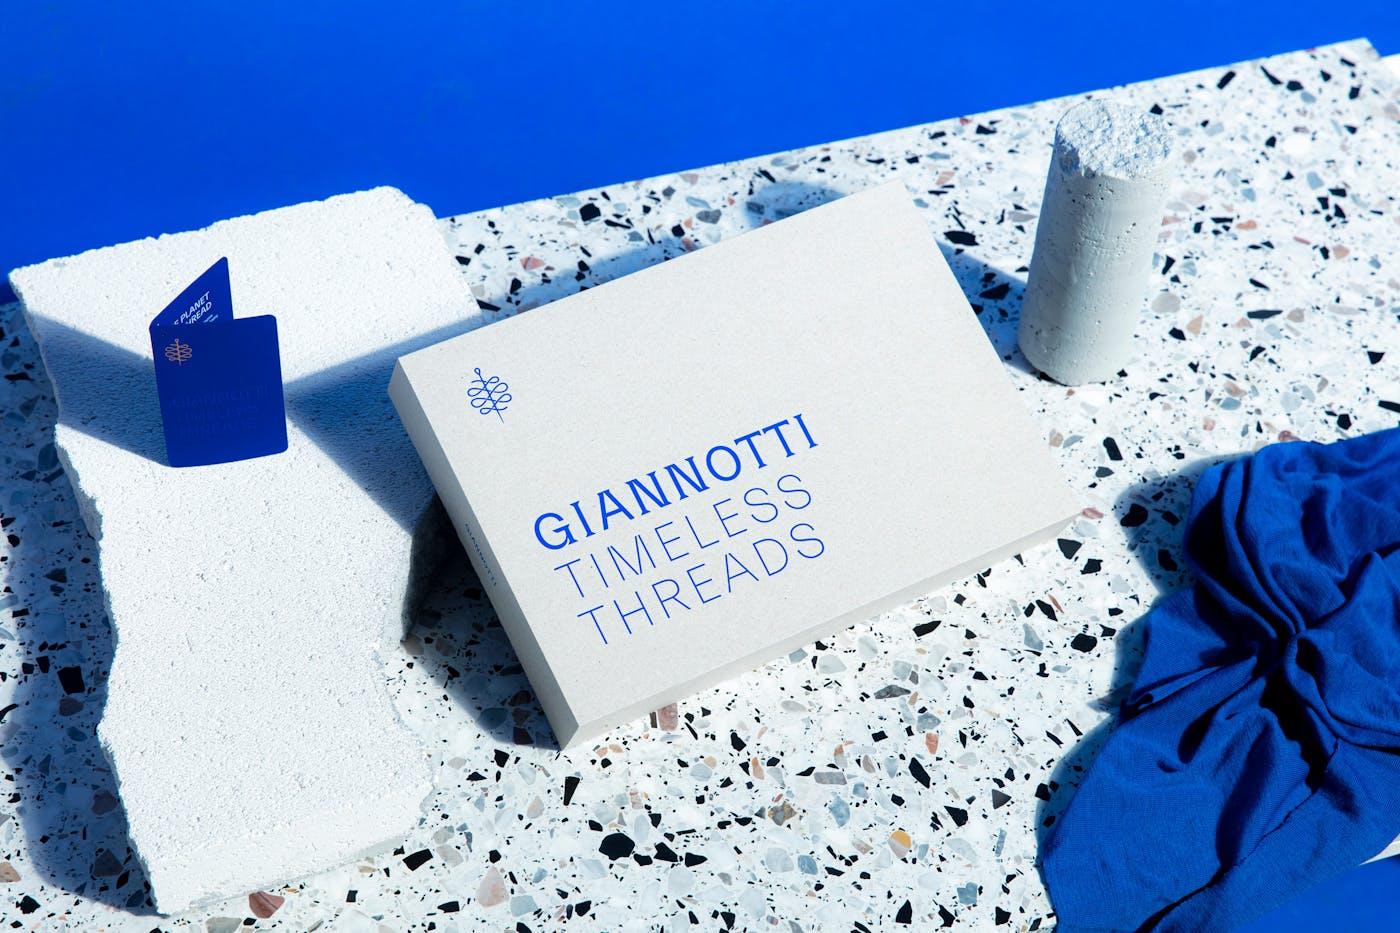 Giannotti dok 1